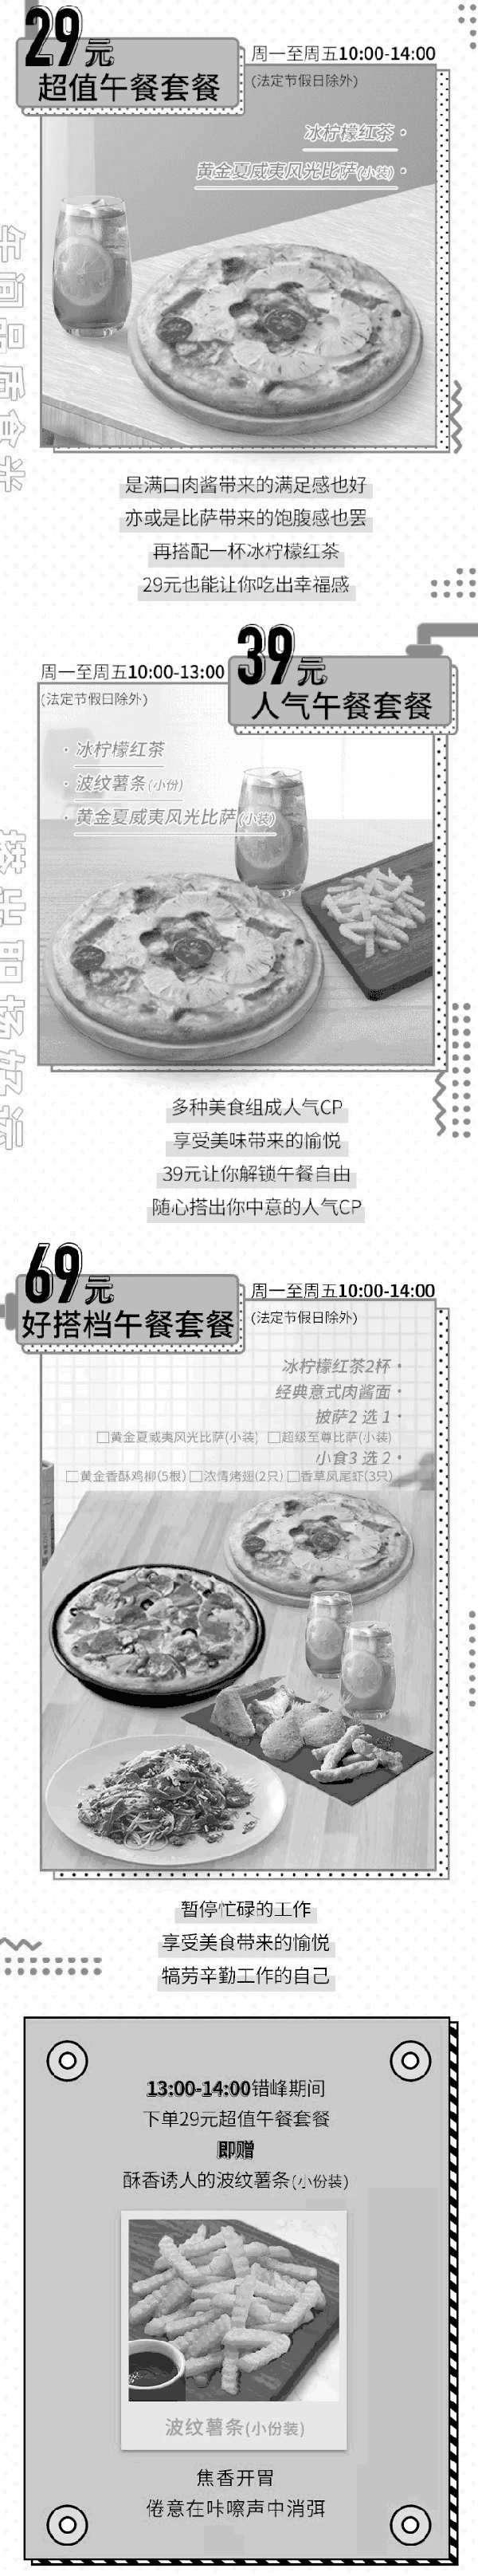 黑白优惠券图片:必胜客宅急送工作日特惠午餐套餐29元起,错峰更有薯条送 - www.5ikfc.com